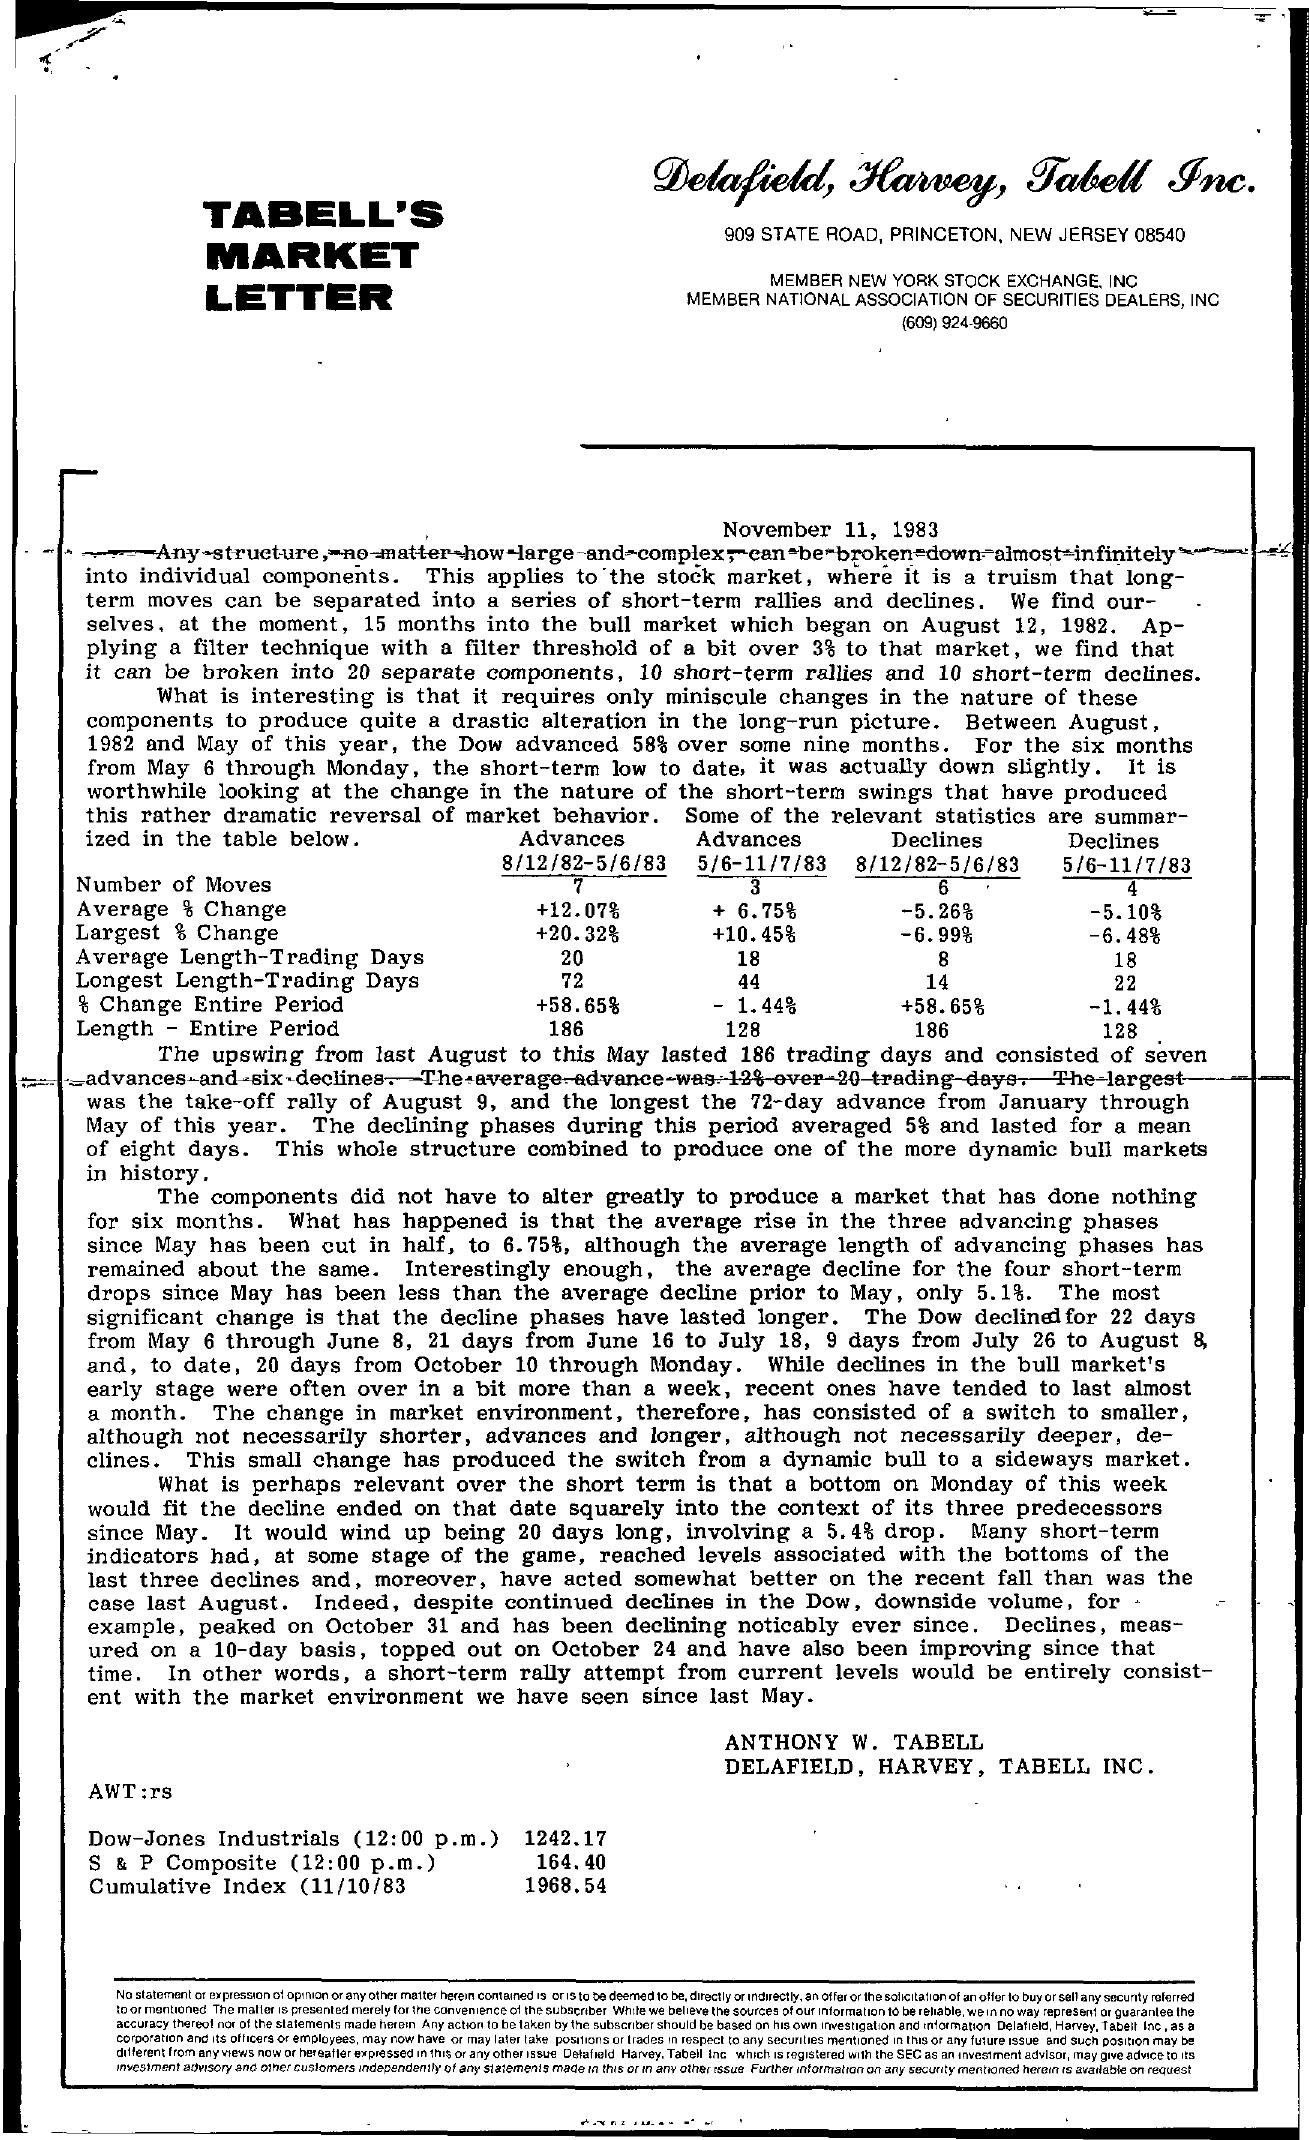 Tabell's Market Letter - November 11, 1983